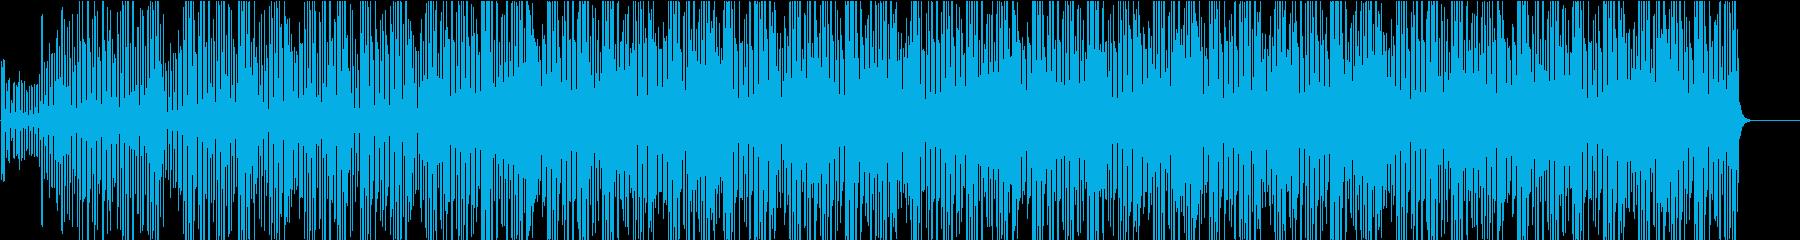 ミニマルなピアノBGM(WAV版)の再生済みの波形